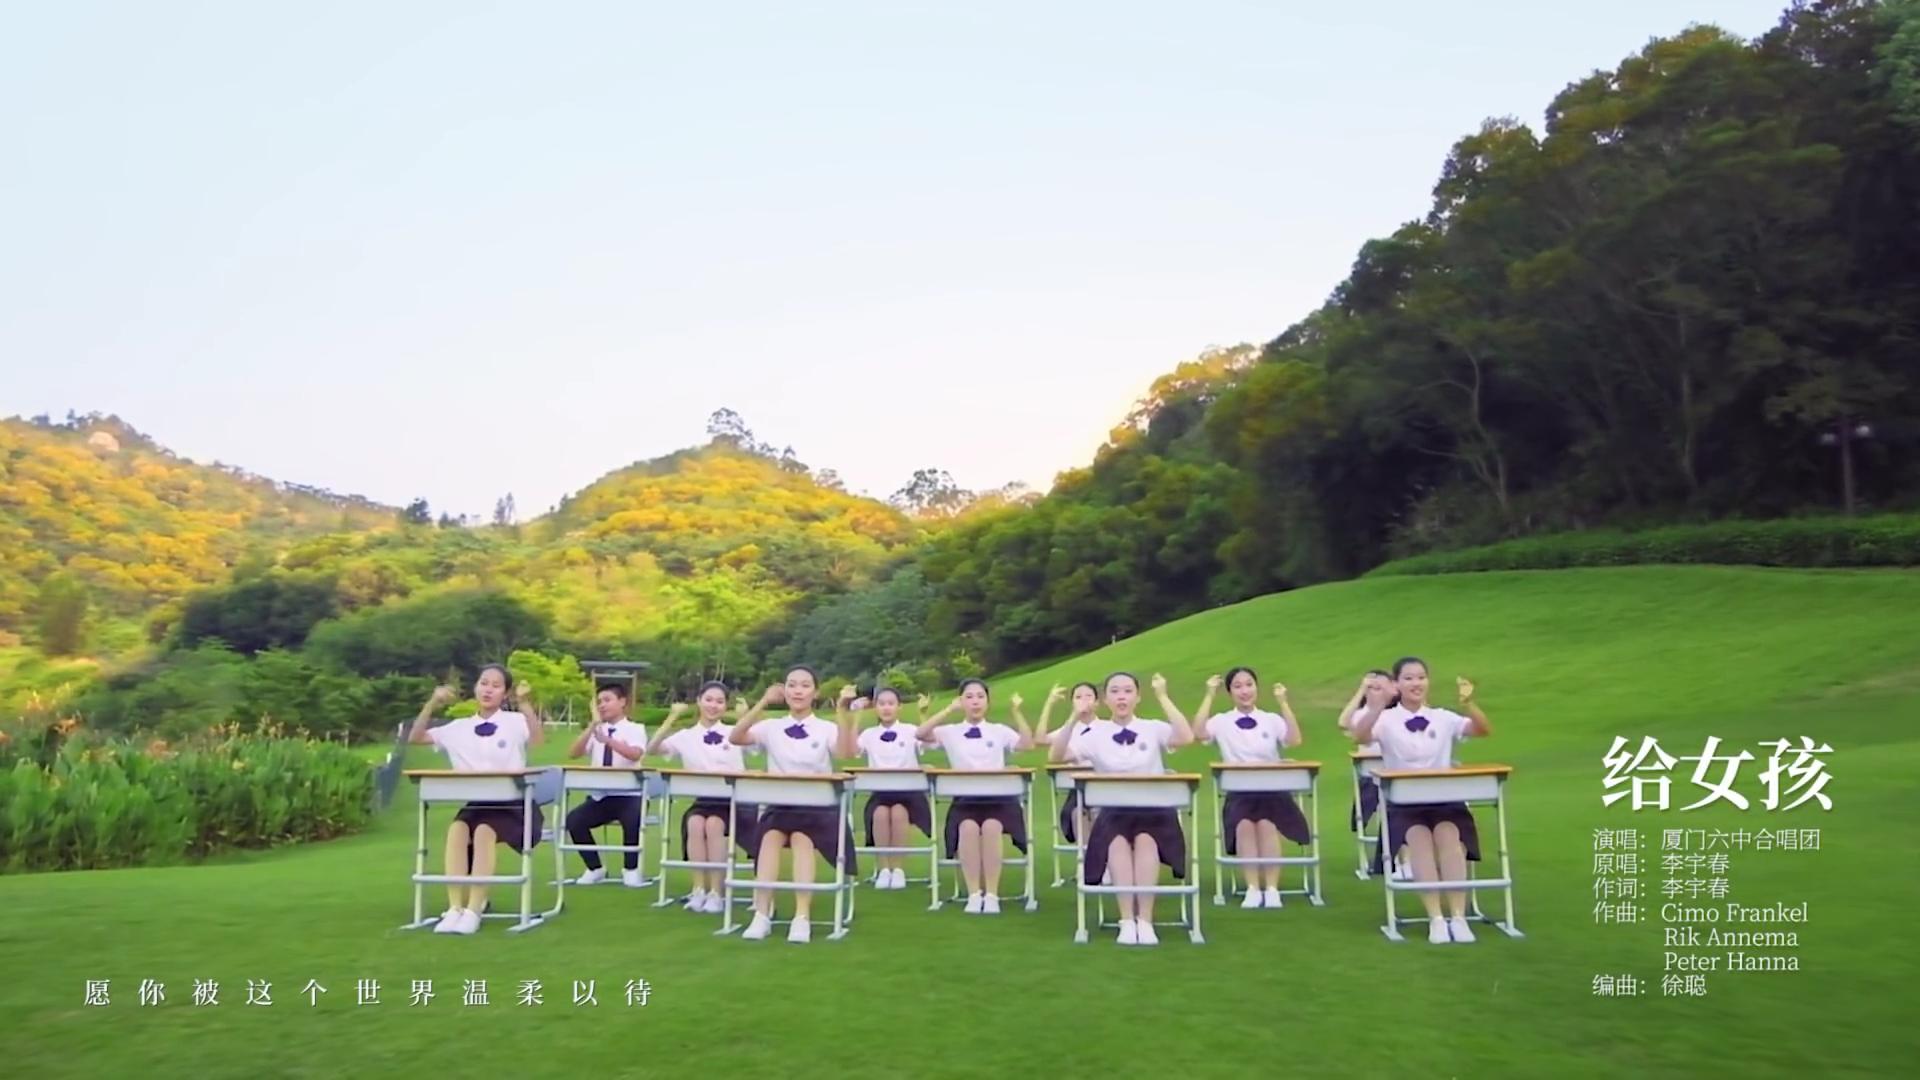 厦门六中合唱团翻唱李宇春《给女孩》